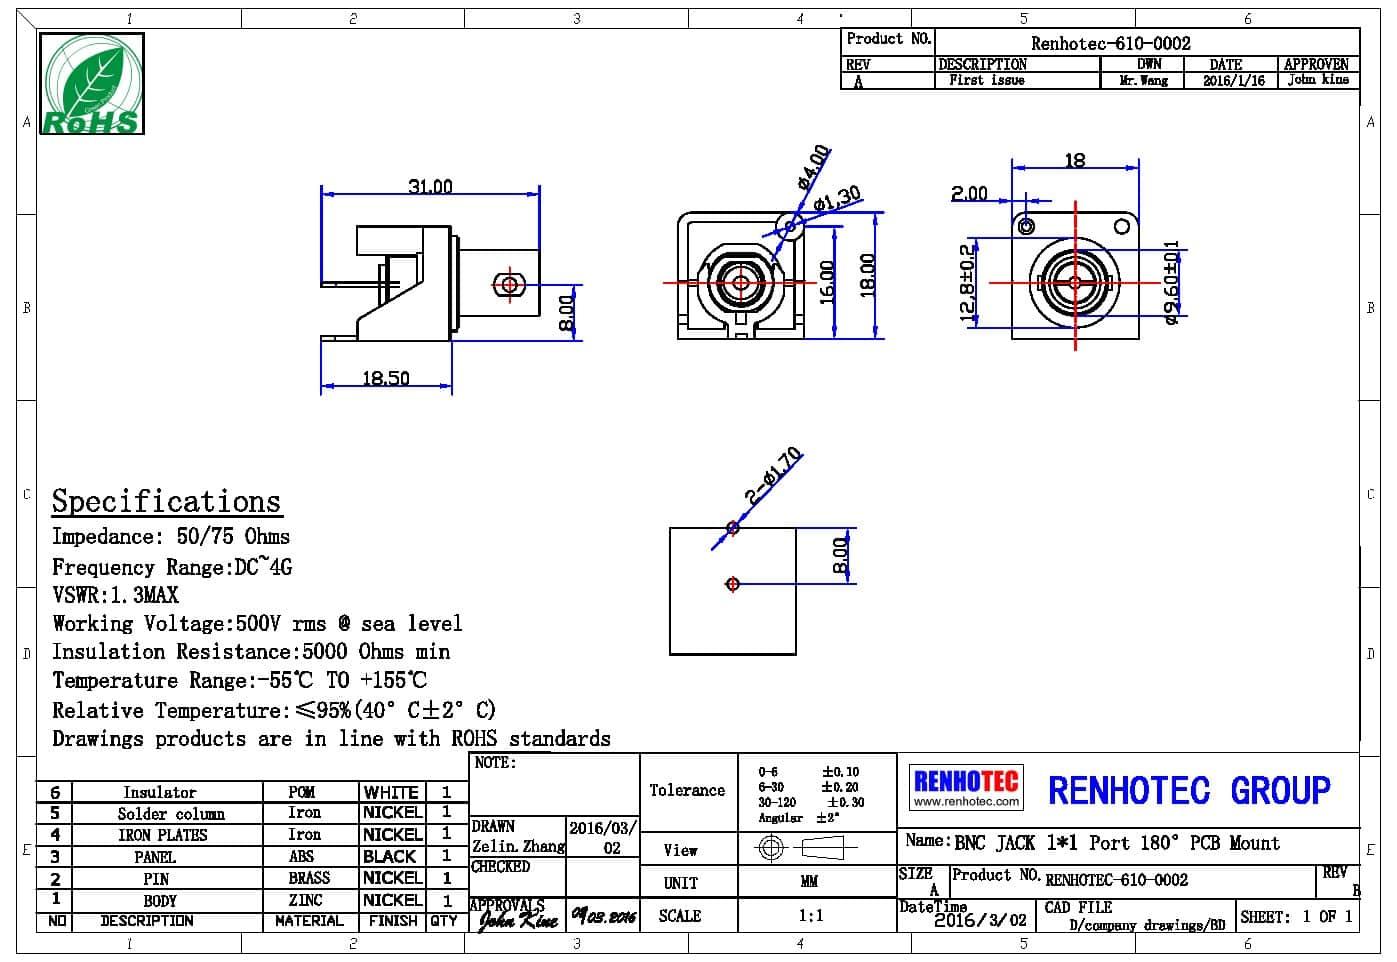 bnc rca连接器弯式穿孔接PCB板